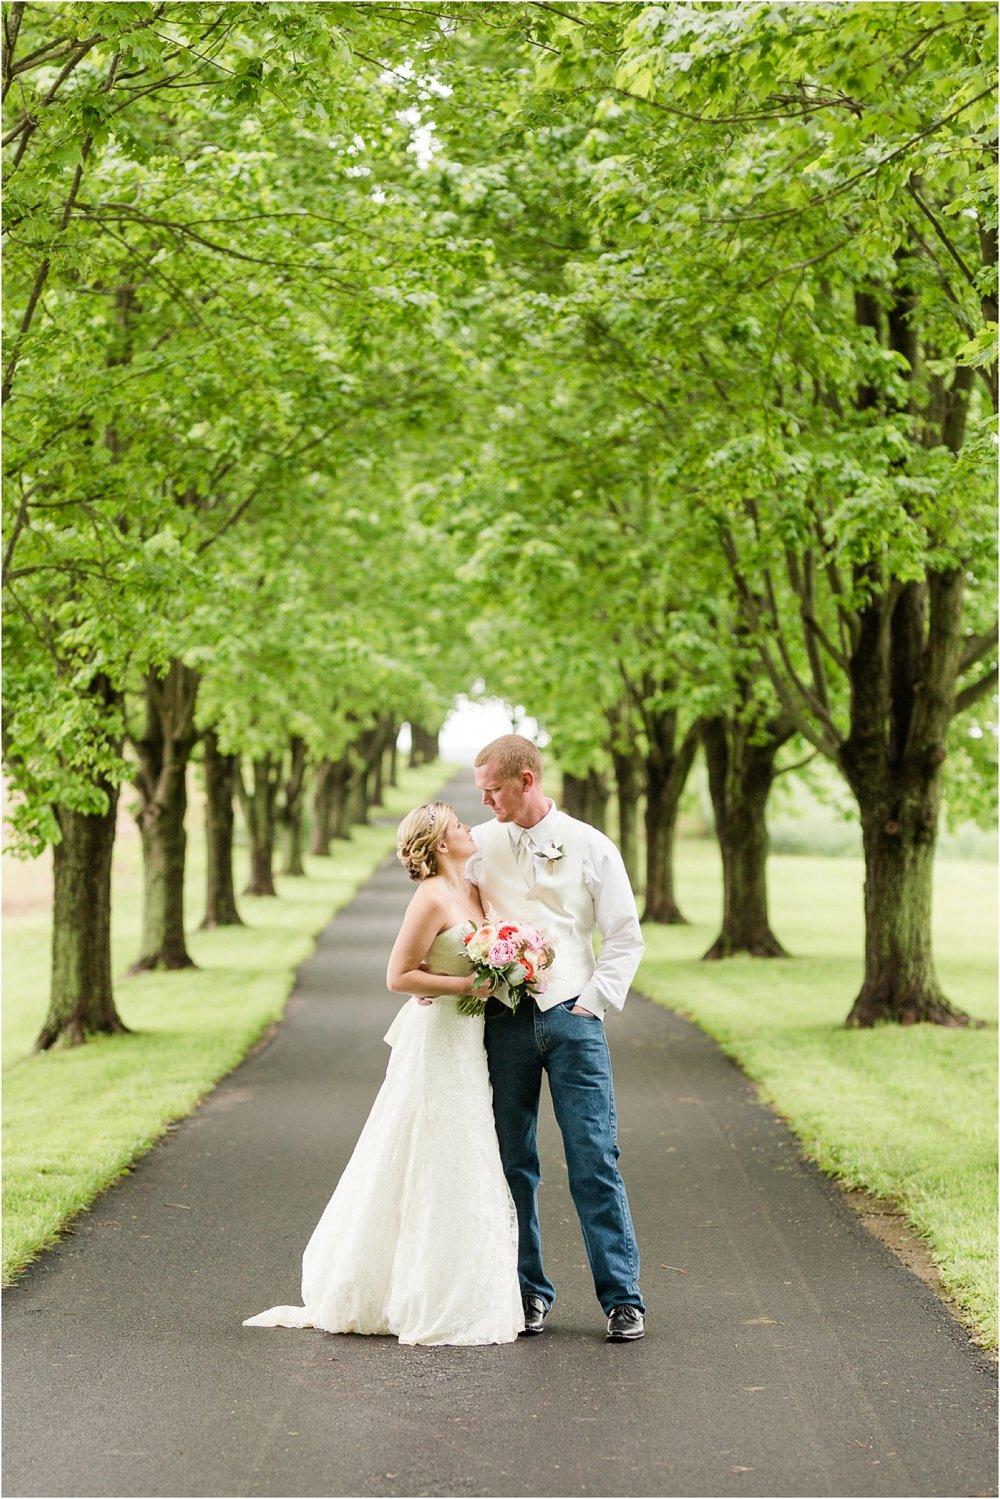 Royer-House-Wedding-Photos-61.jpg